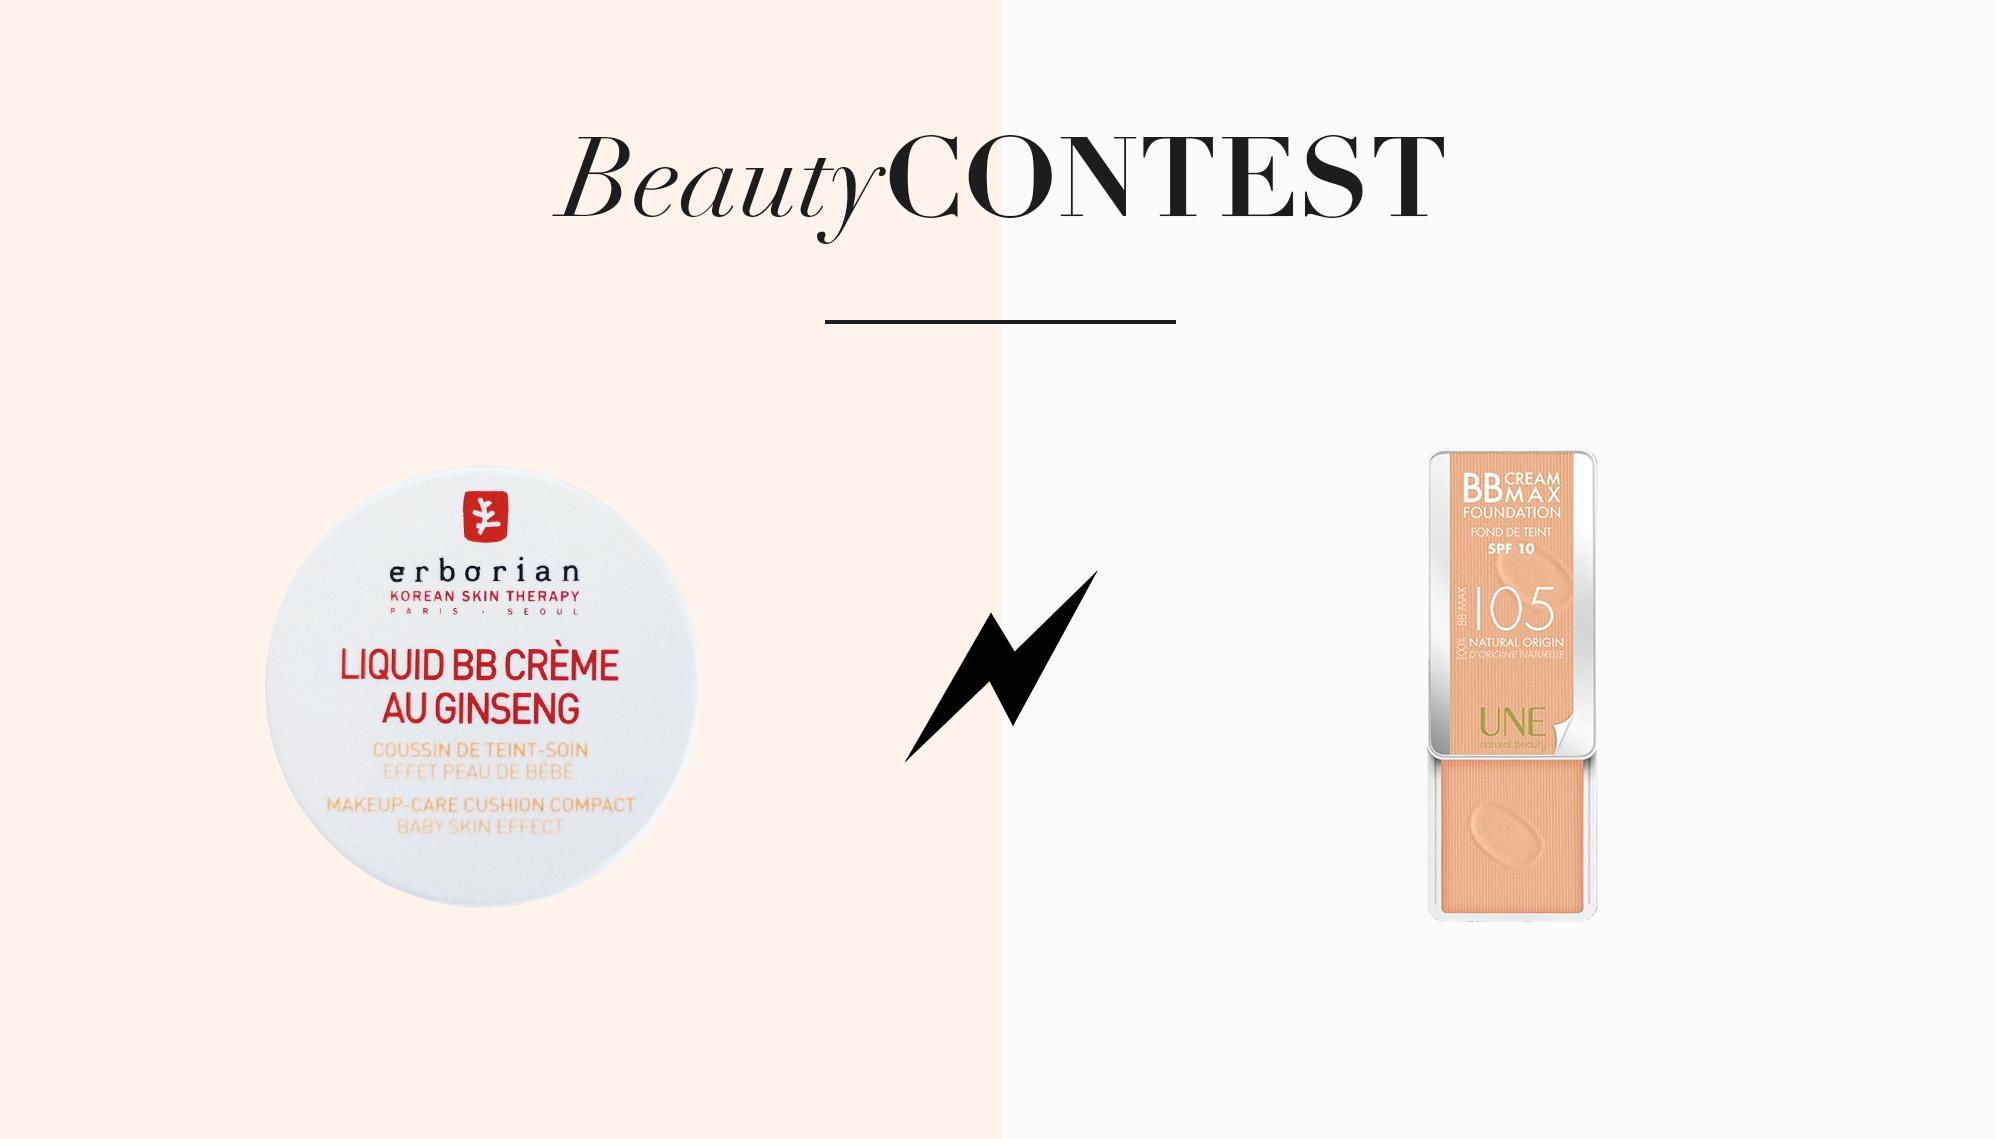 Beauty Contest – Les fonds de teint compacts BB crème